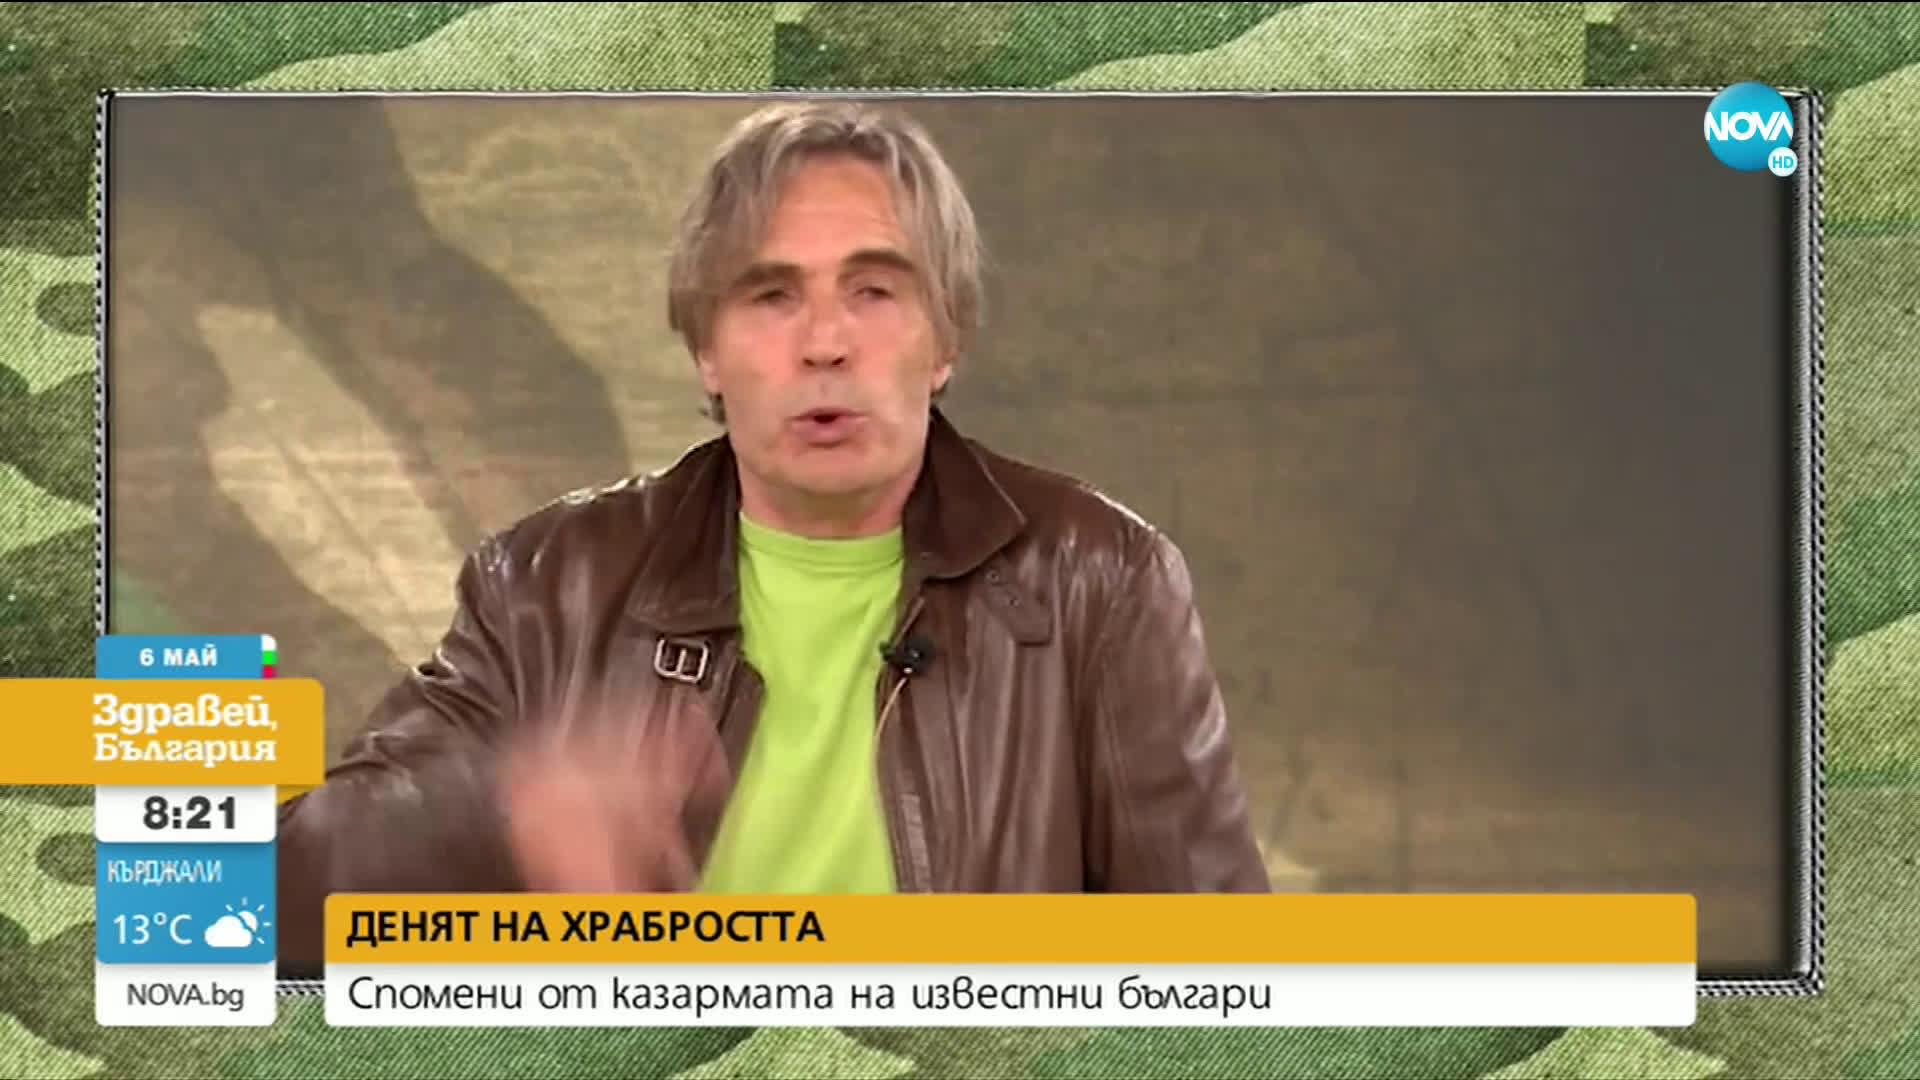 Спомени от казармата - Васил Бинев